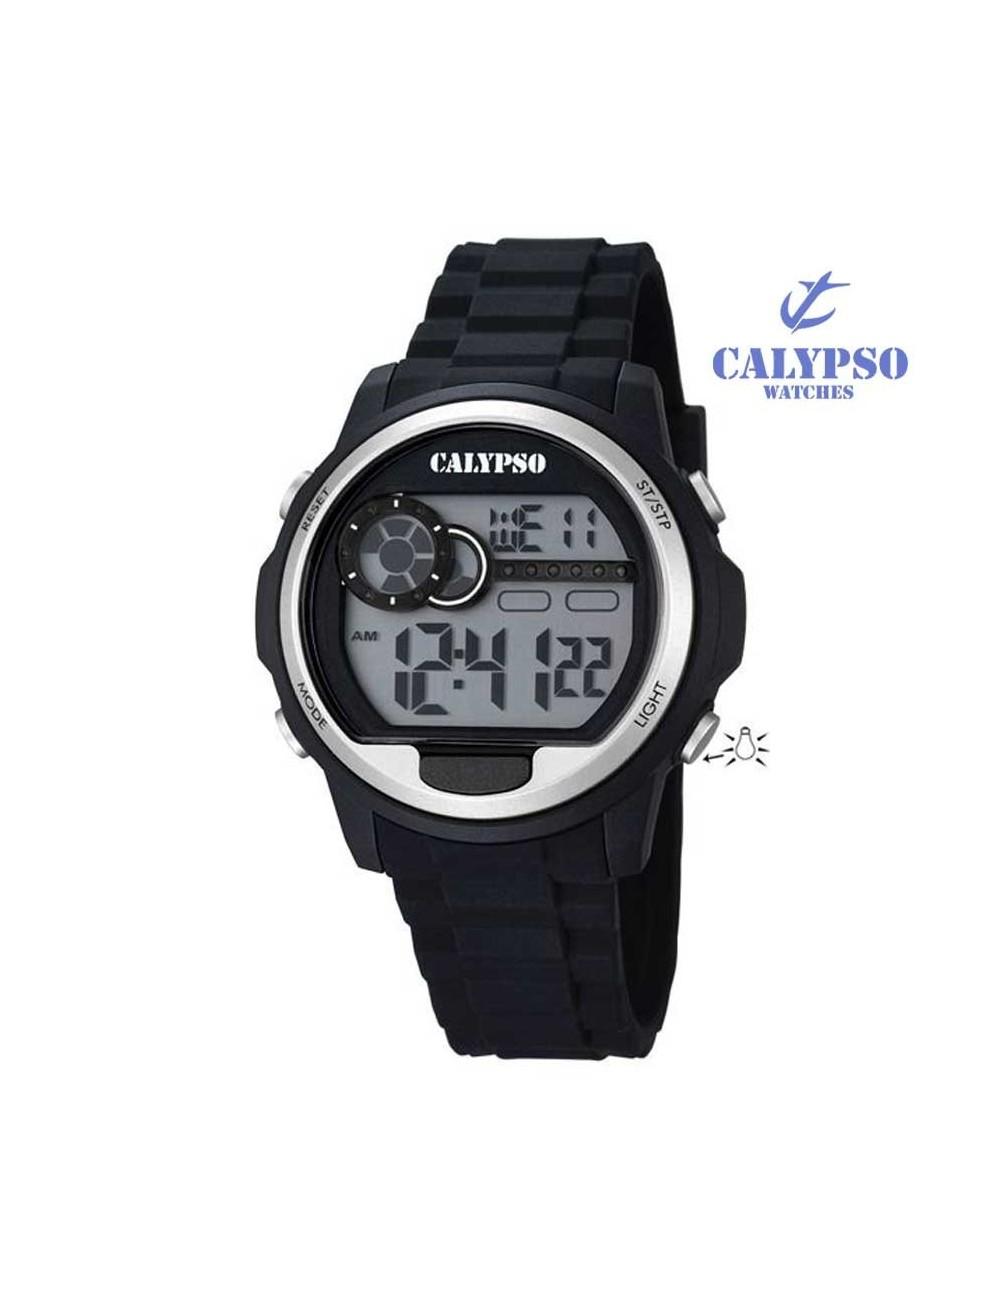 reloj-calypso-hombre-o-nino-digital-silicona-negro-plateado-k5667-1